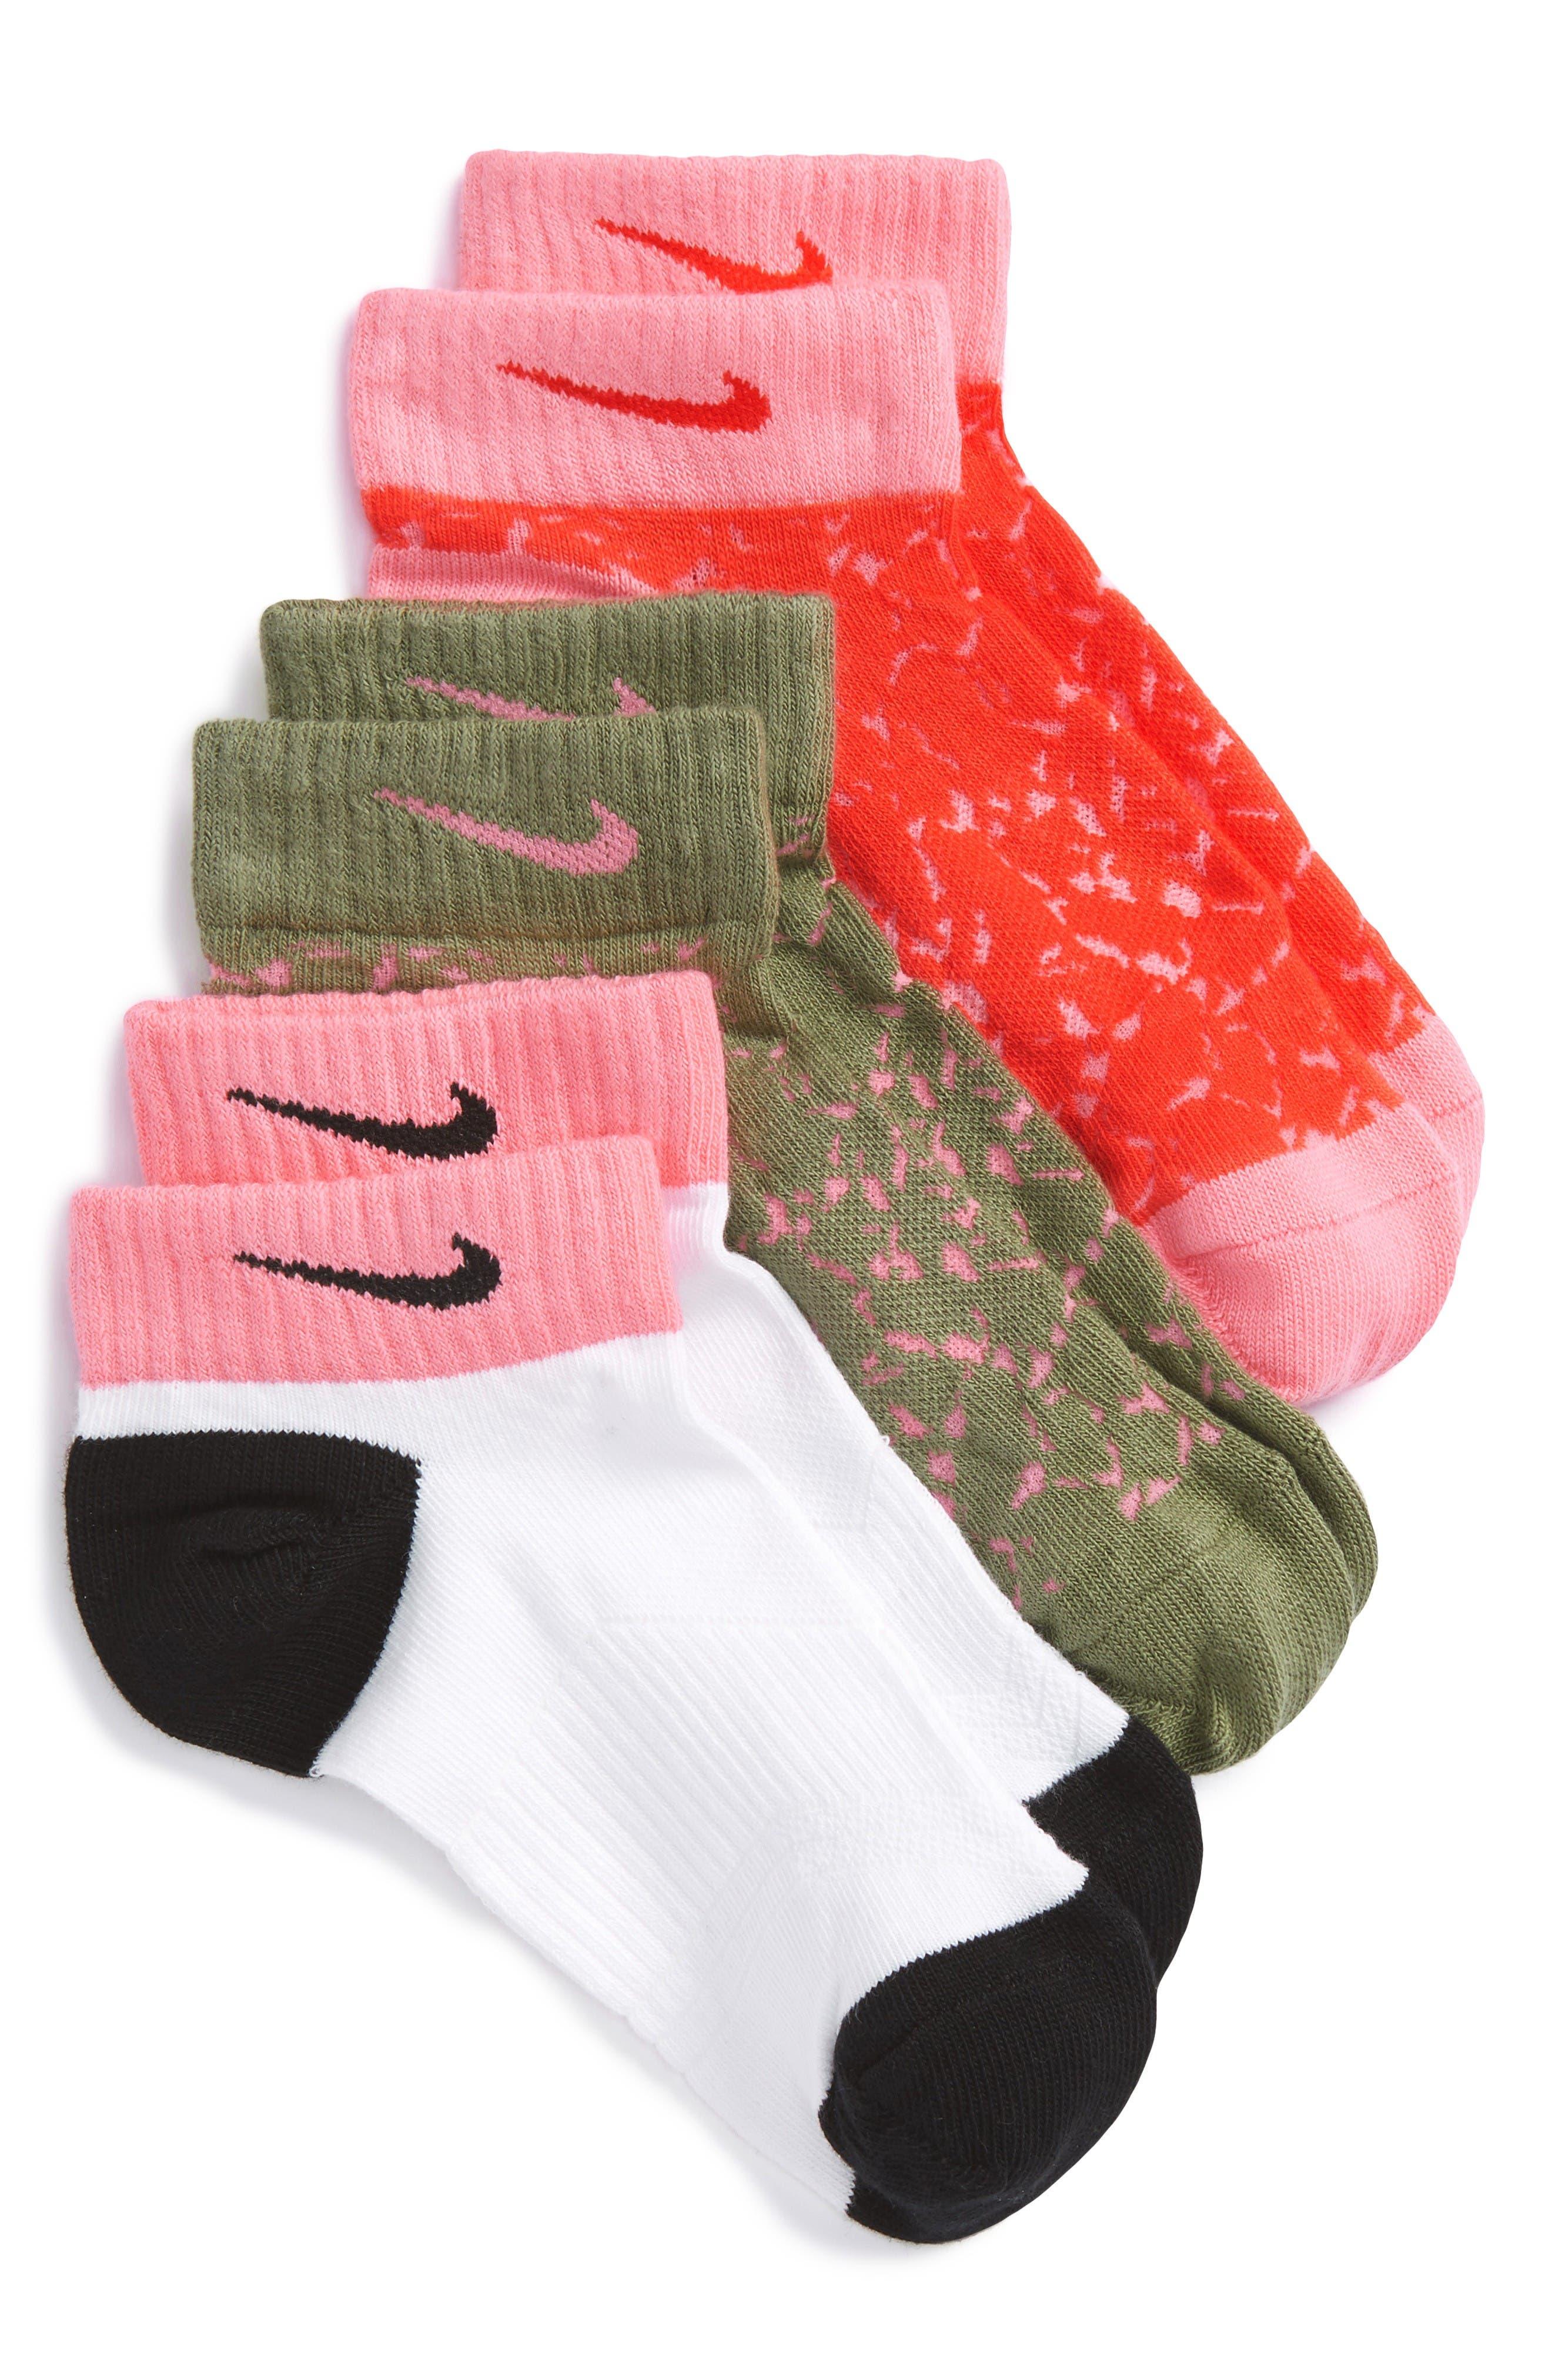 Alternate Image 1 Selected - Nike Low Cut Graphic Socks (Kids)